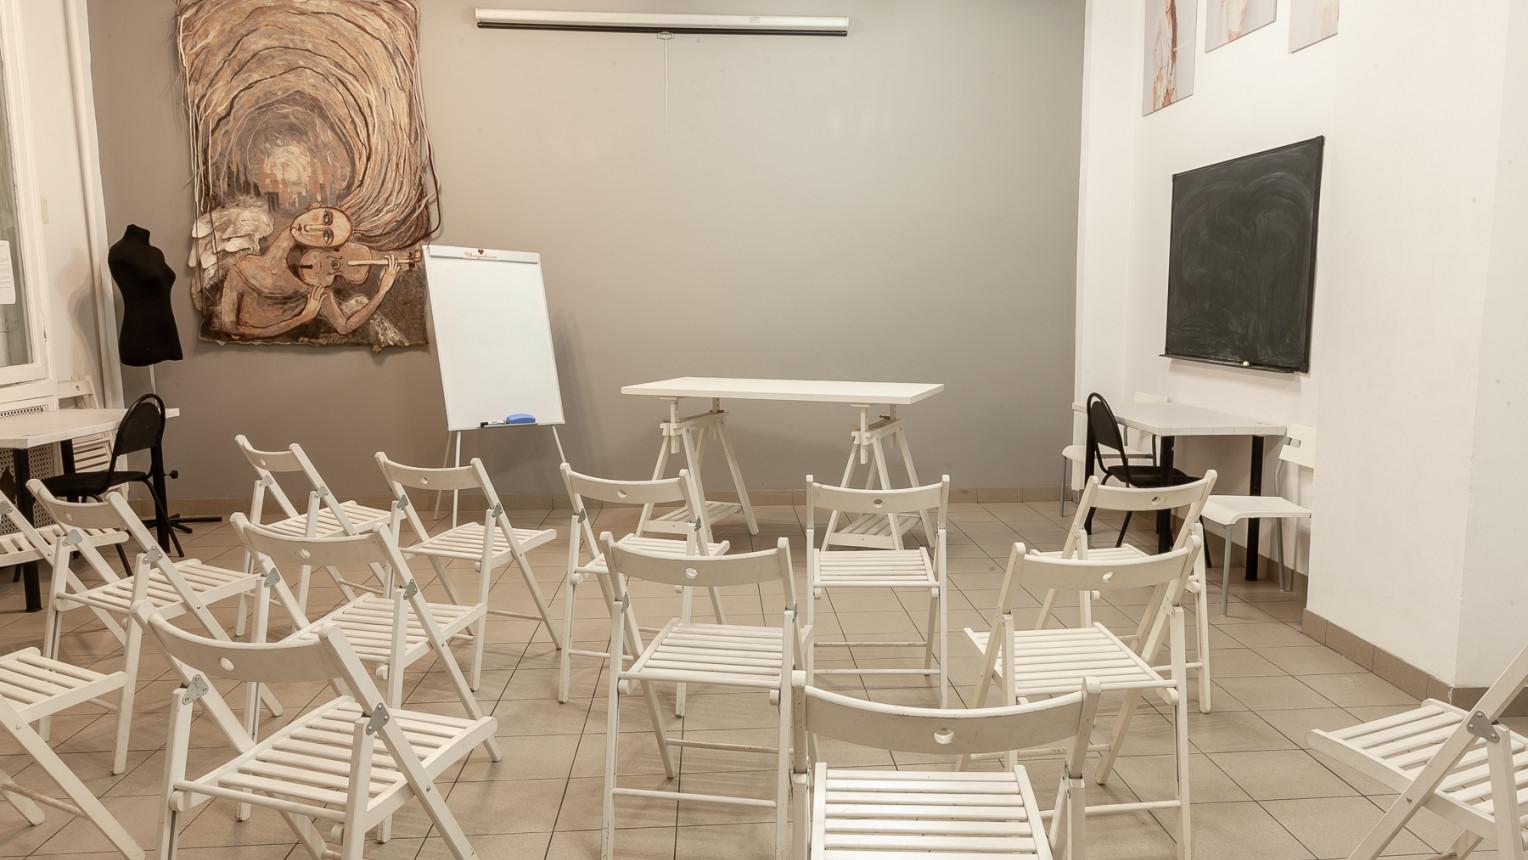 Зал для тренингов, семинаров и мастер-классов - фото №1